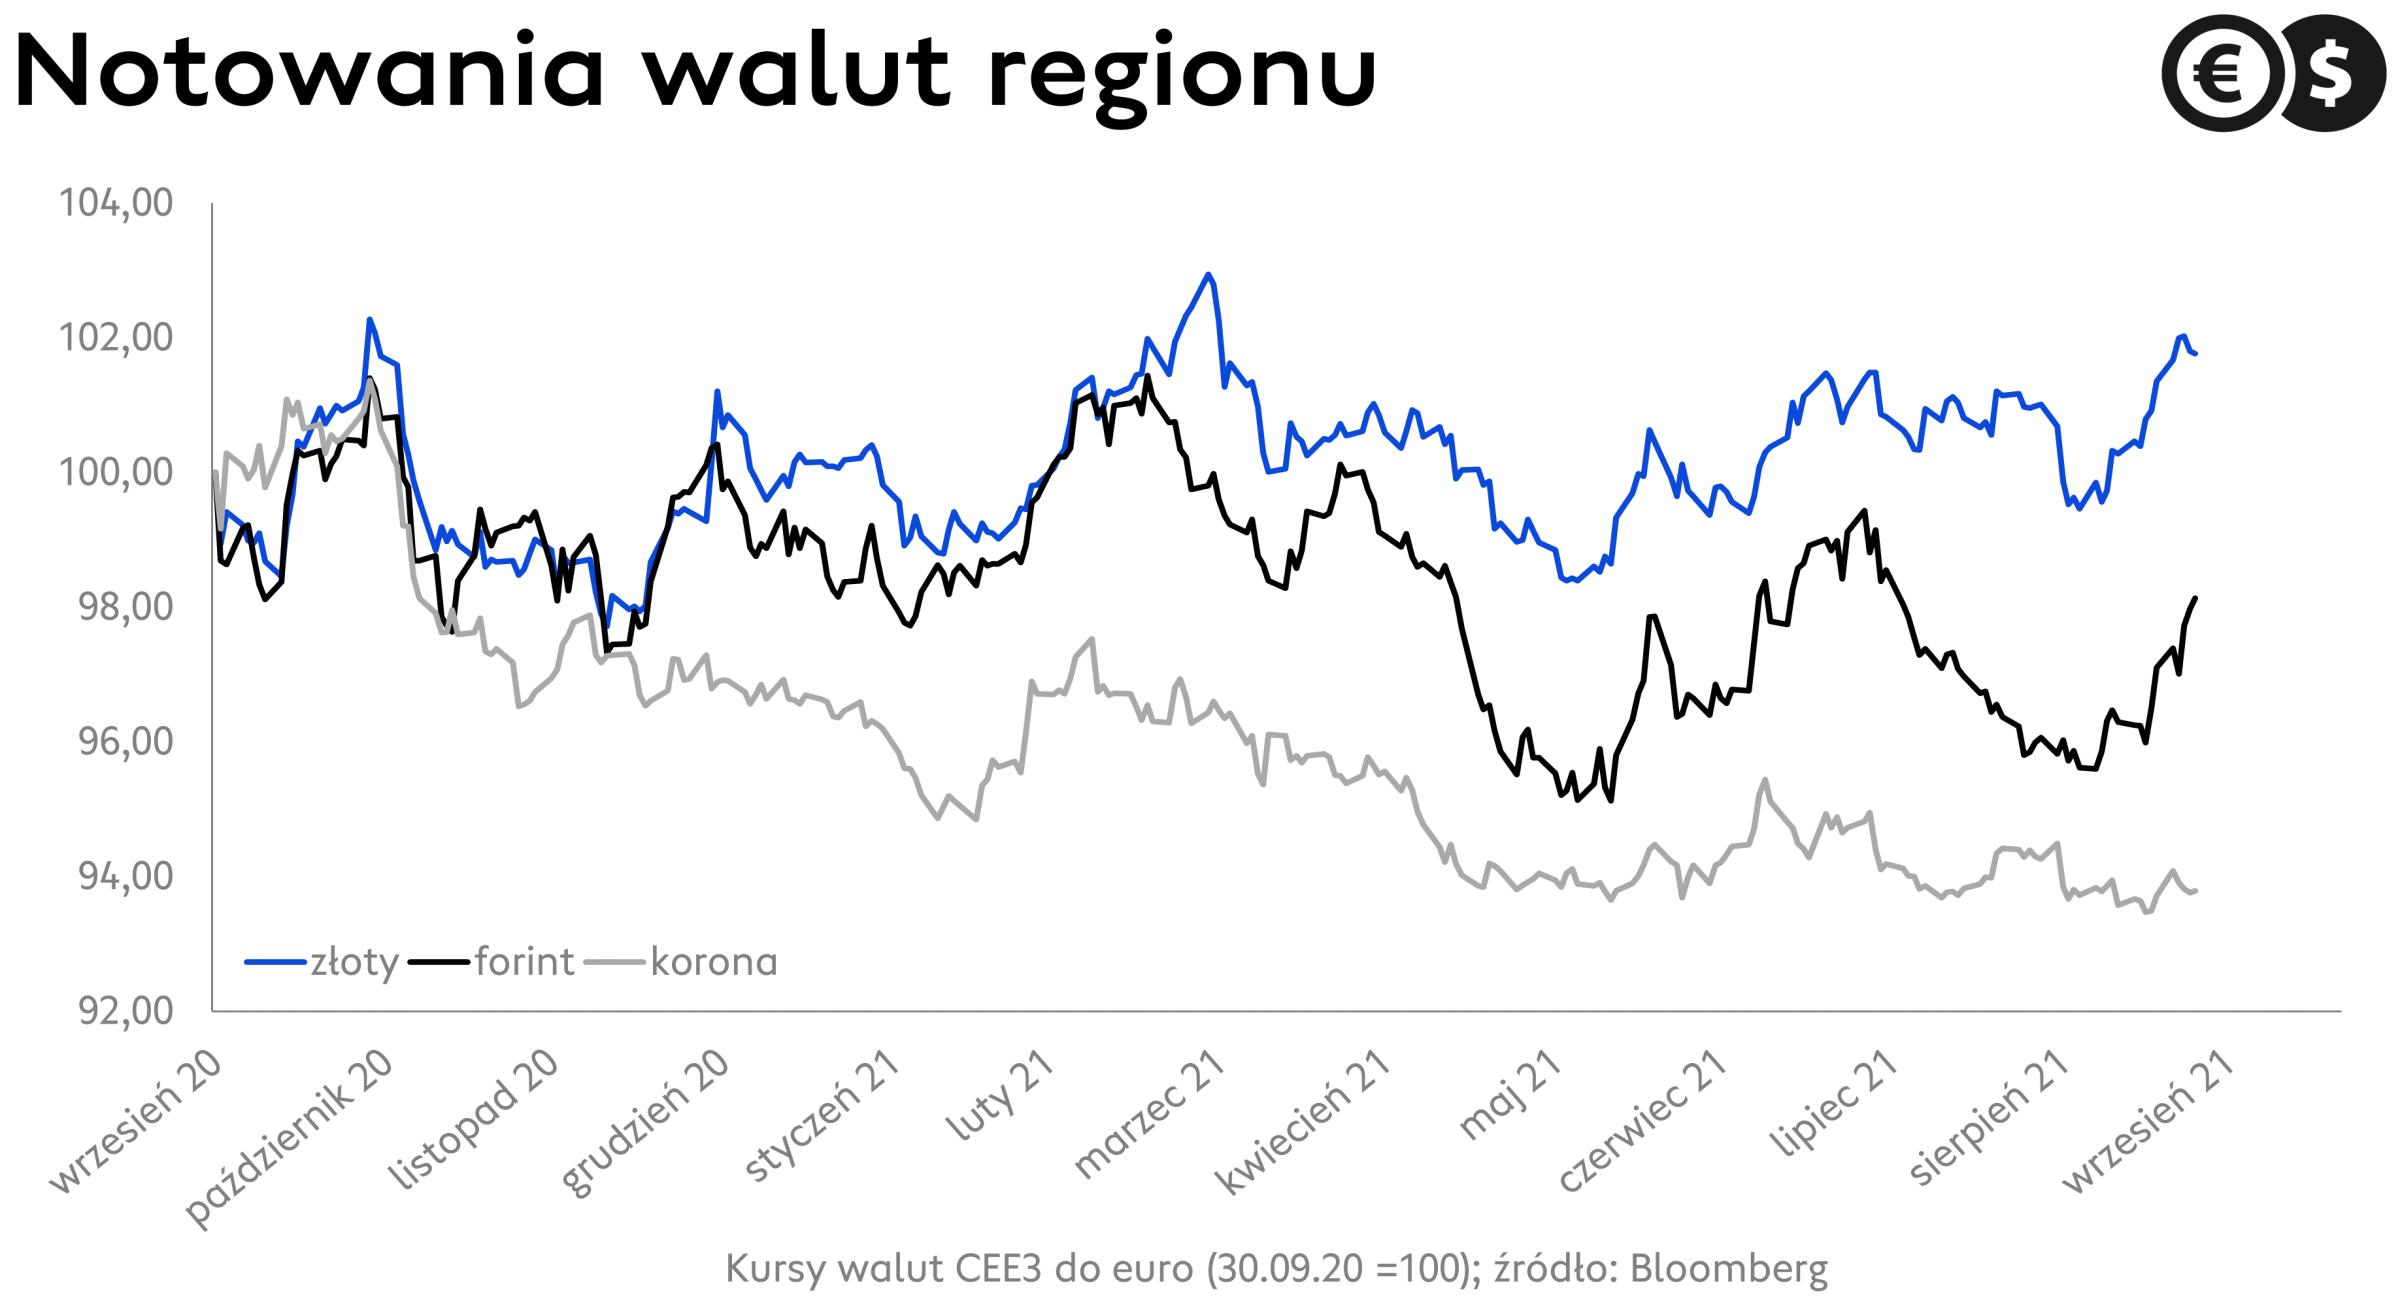 Kurs EUR/PLN po dziesięciu dniach przestał rosnąć. Funt zyskuje na szerokim rynku